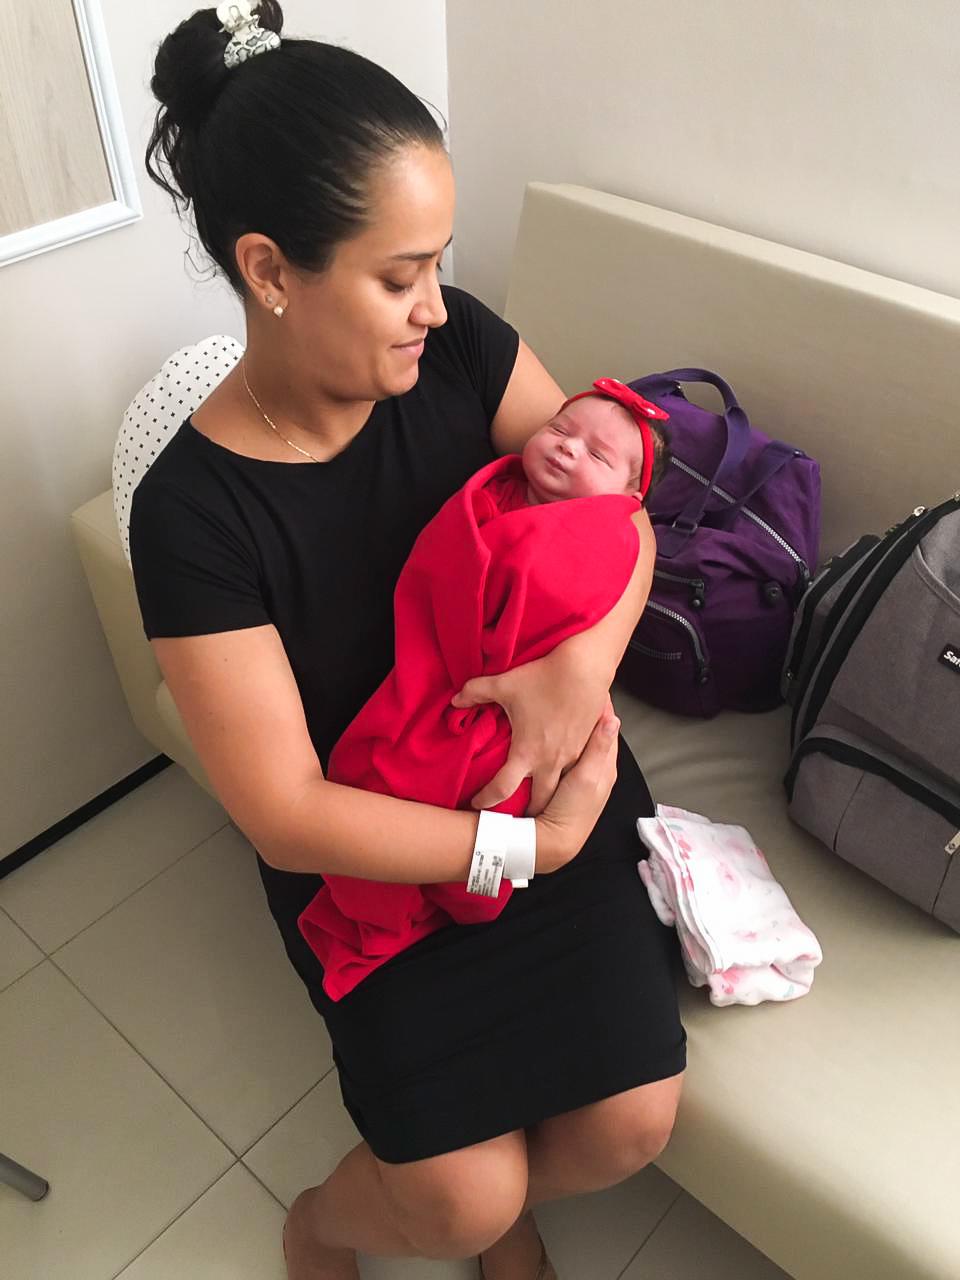 Ana Carolina na saída da maternidade com sua filha Ana Lílian. (Foto Arquivo Pessoal)